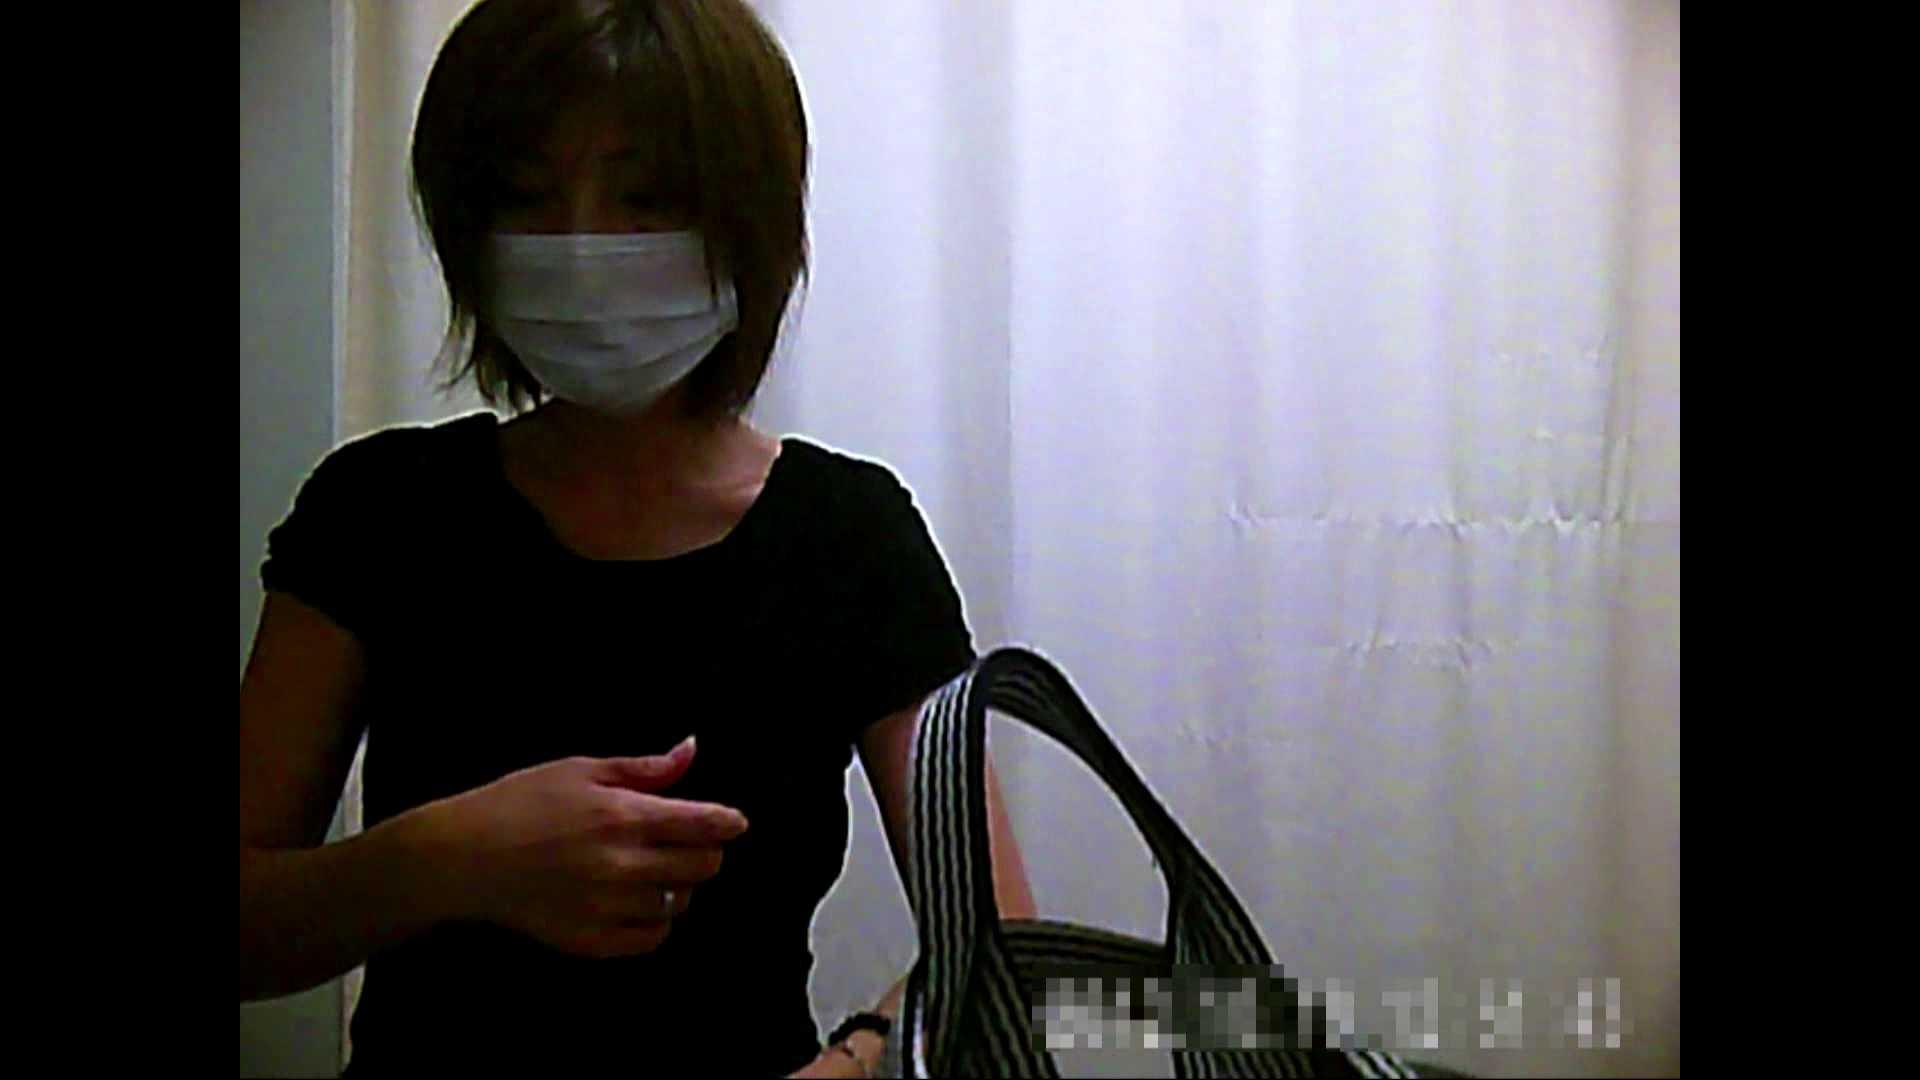 元医者による反抗 更衣室地獄絵巻 vol.053 ギャル  85PIX 47